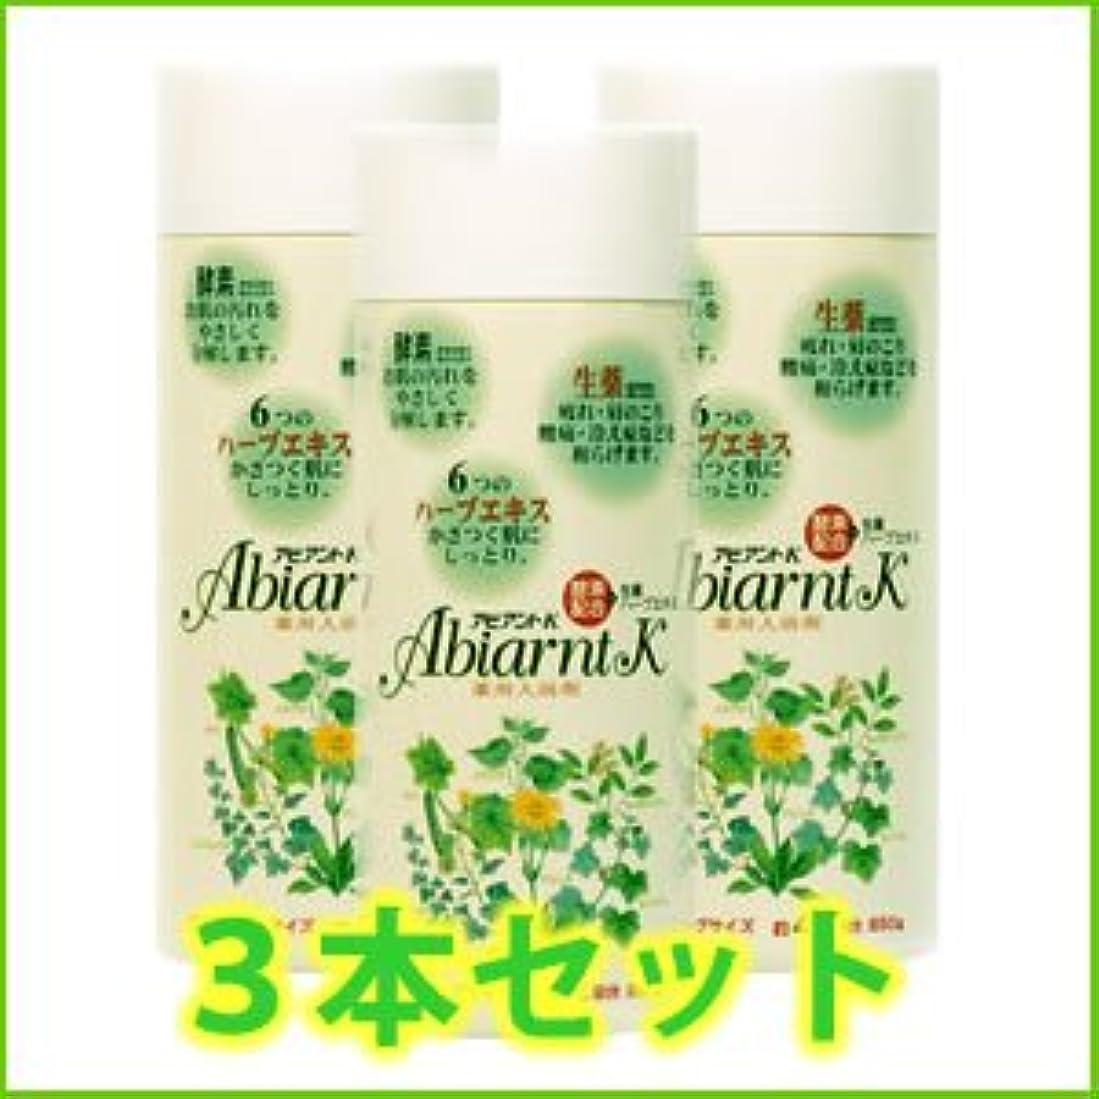 プロペラ砂のボード薬用入浴剤 アビアントK 850g ×3